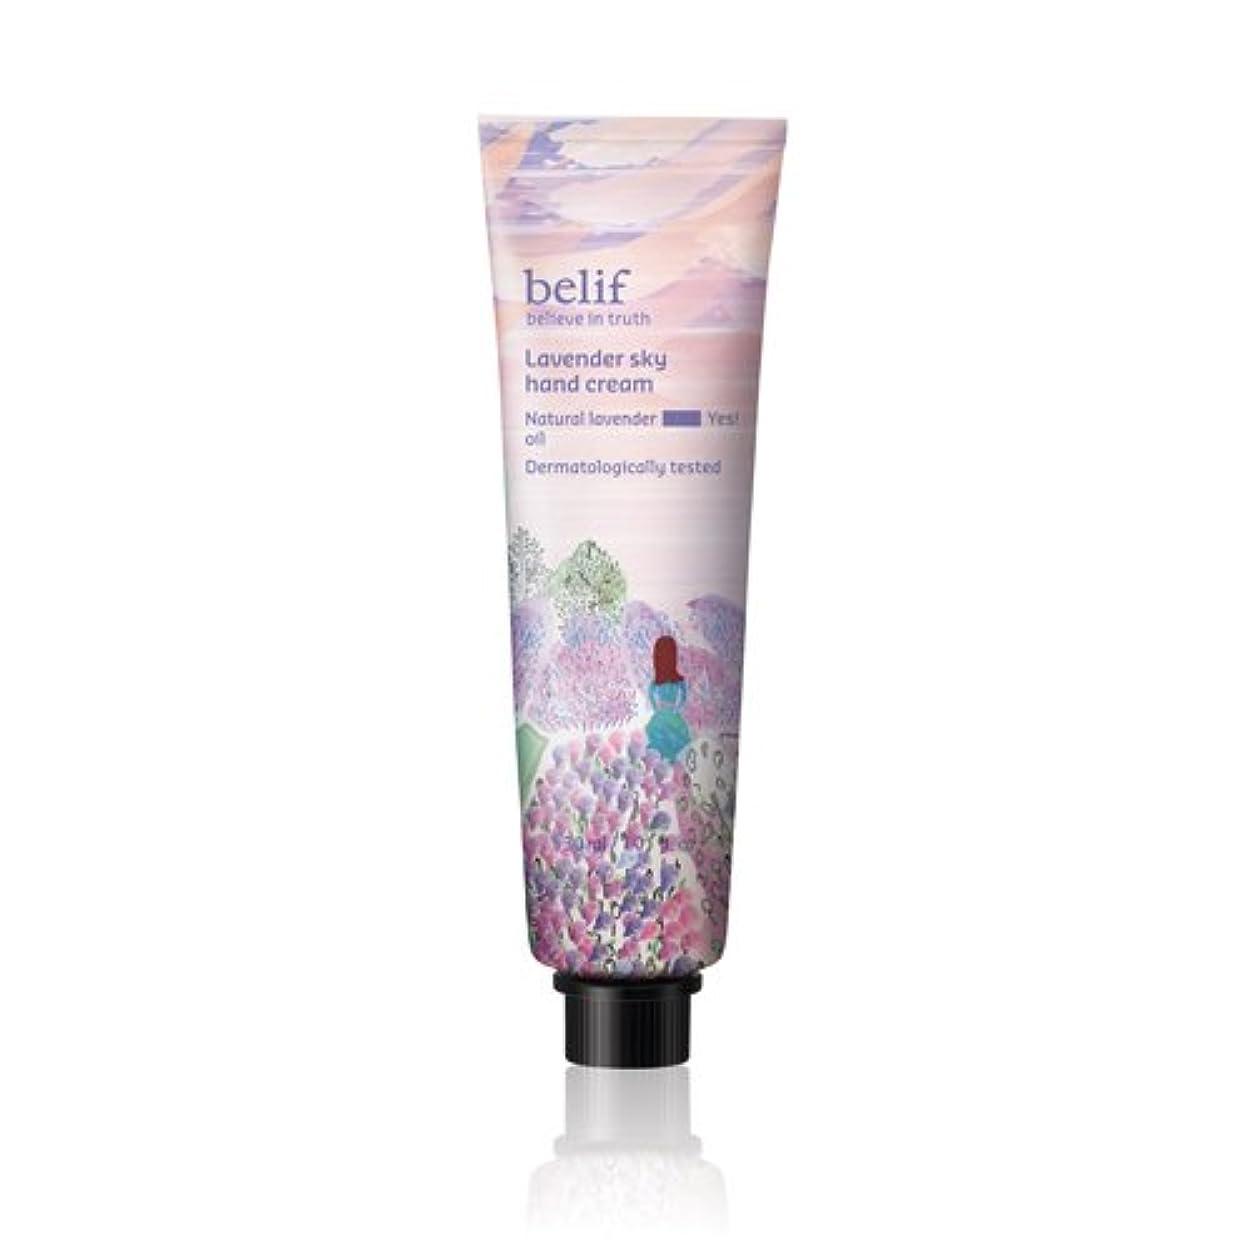 ライオンタオル悪因子Belif(ビリーフ)Lavender sky hand cream 30ml/ラベンダースカイハンドクリーム